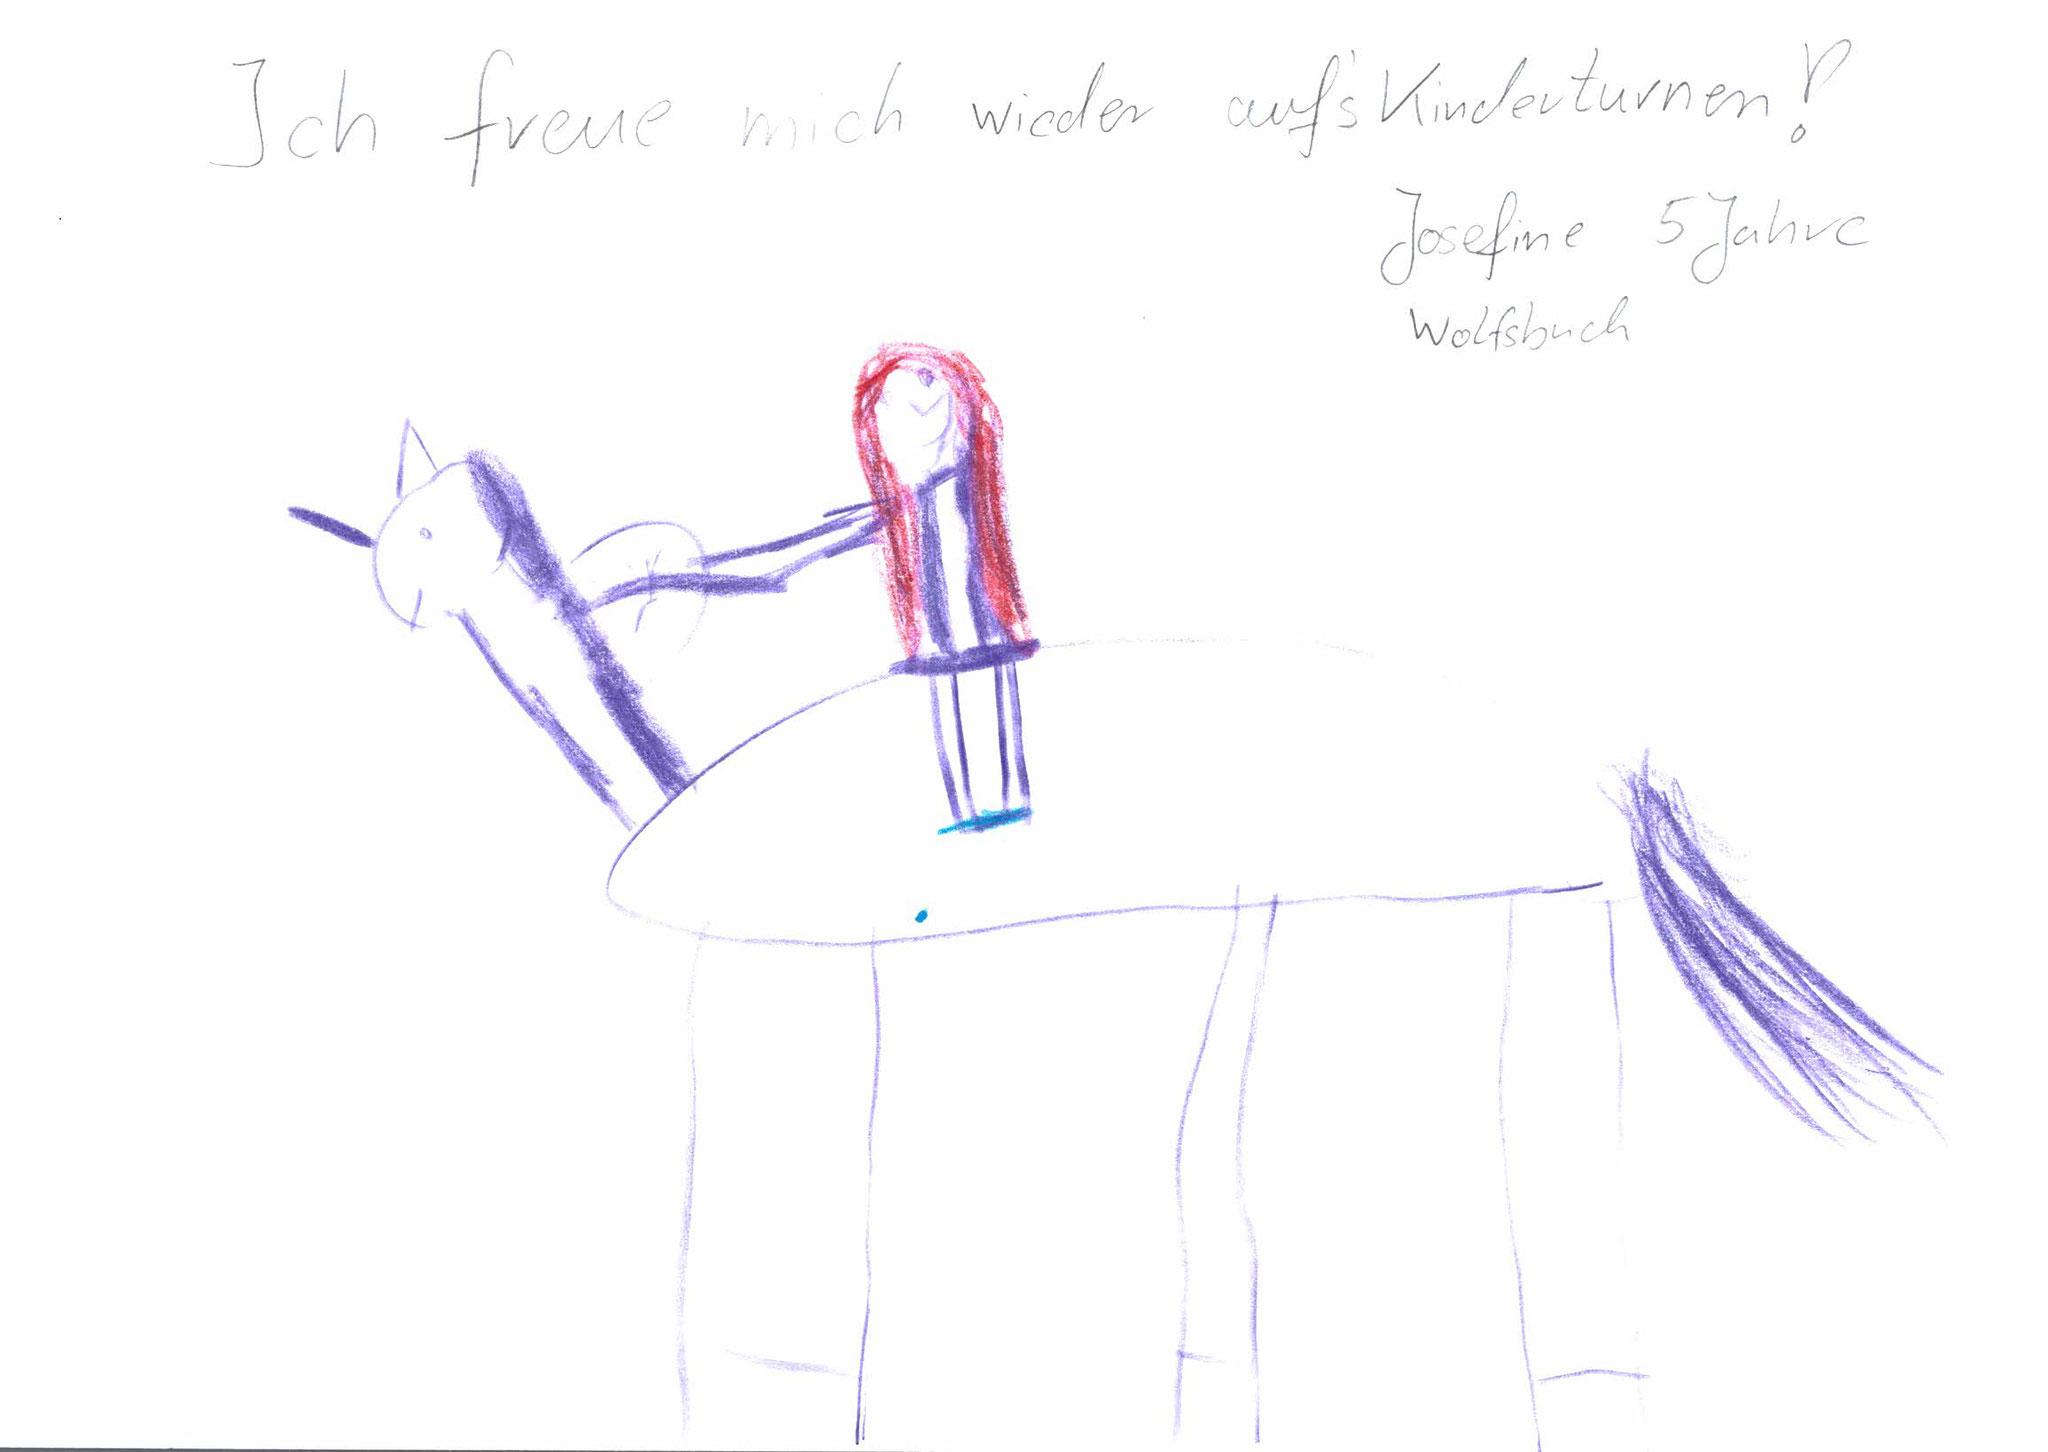 Josefine Frey, 5 Jahre, Wolfsbuch